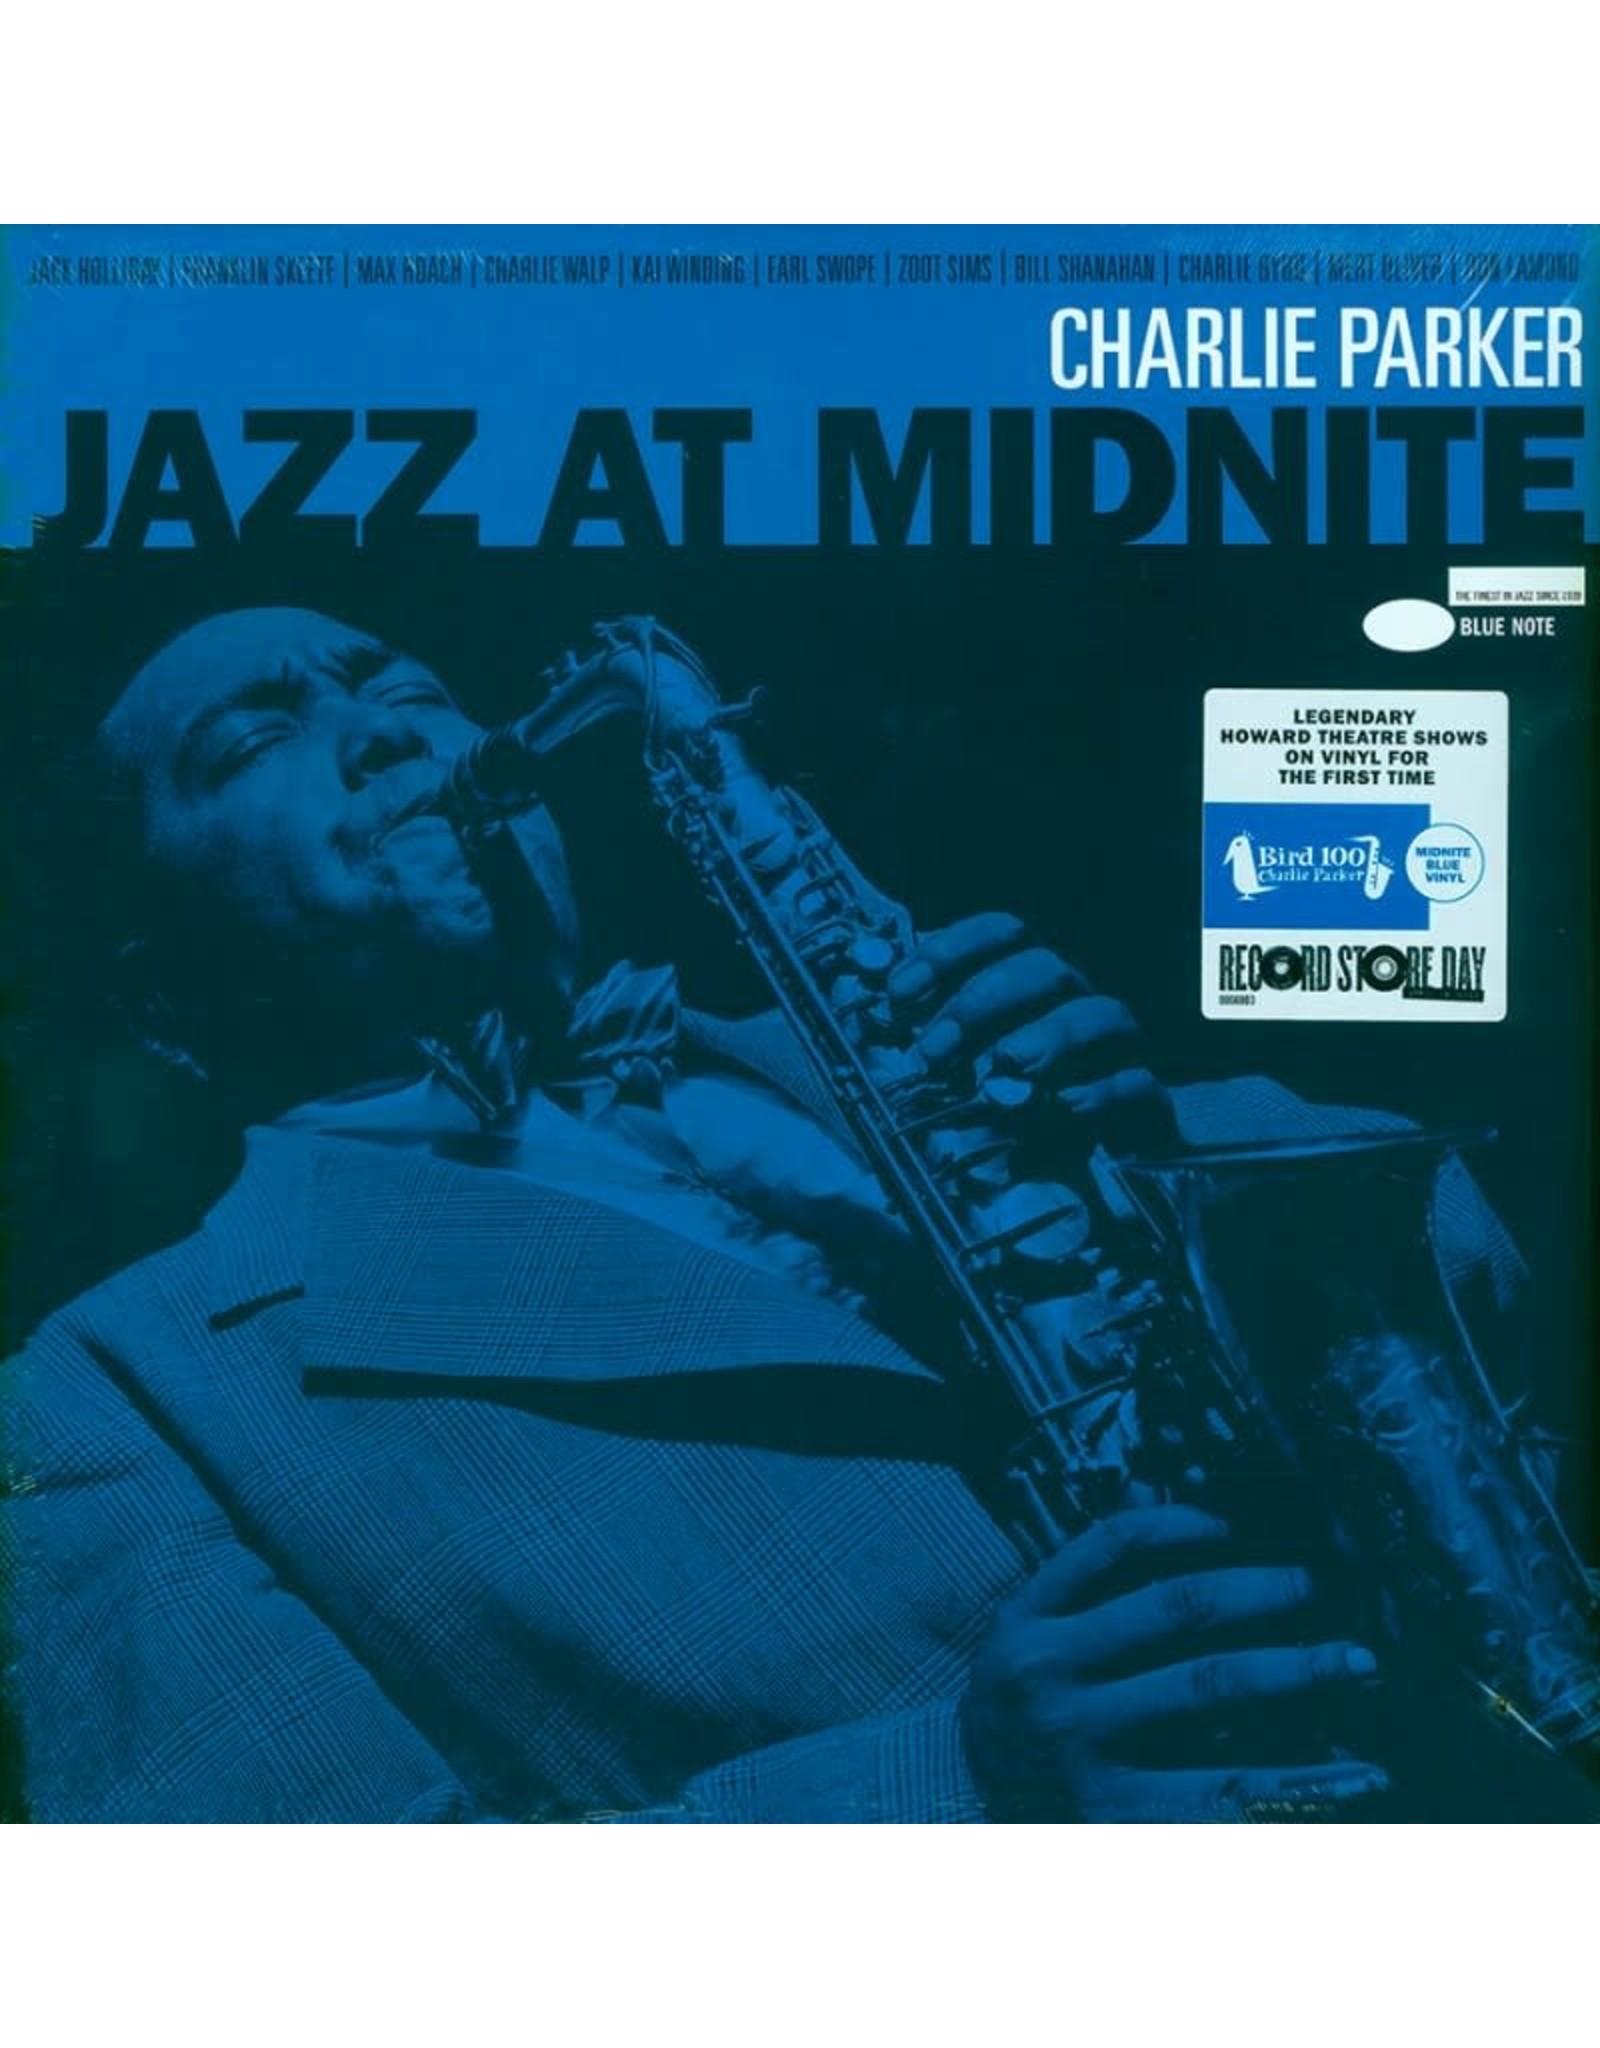 Parker, Charlie - Jazz at Midnight (RSD) LP